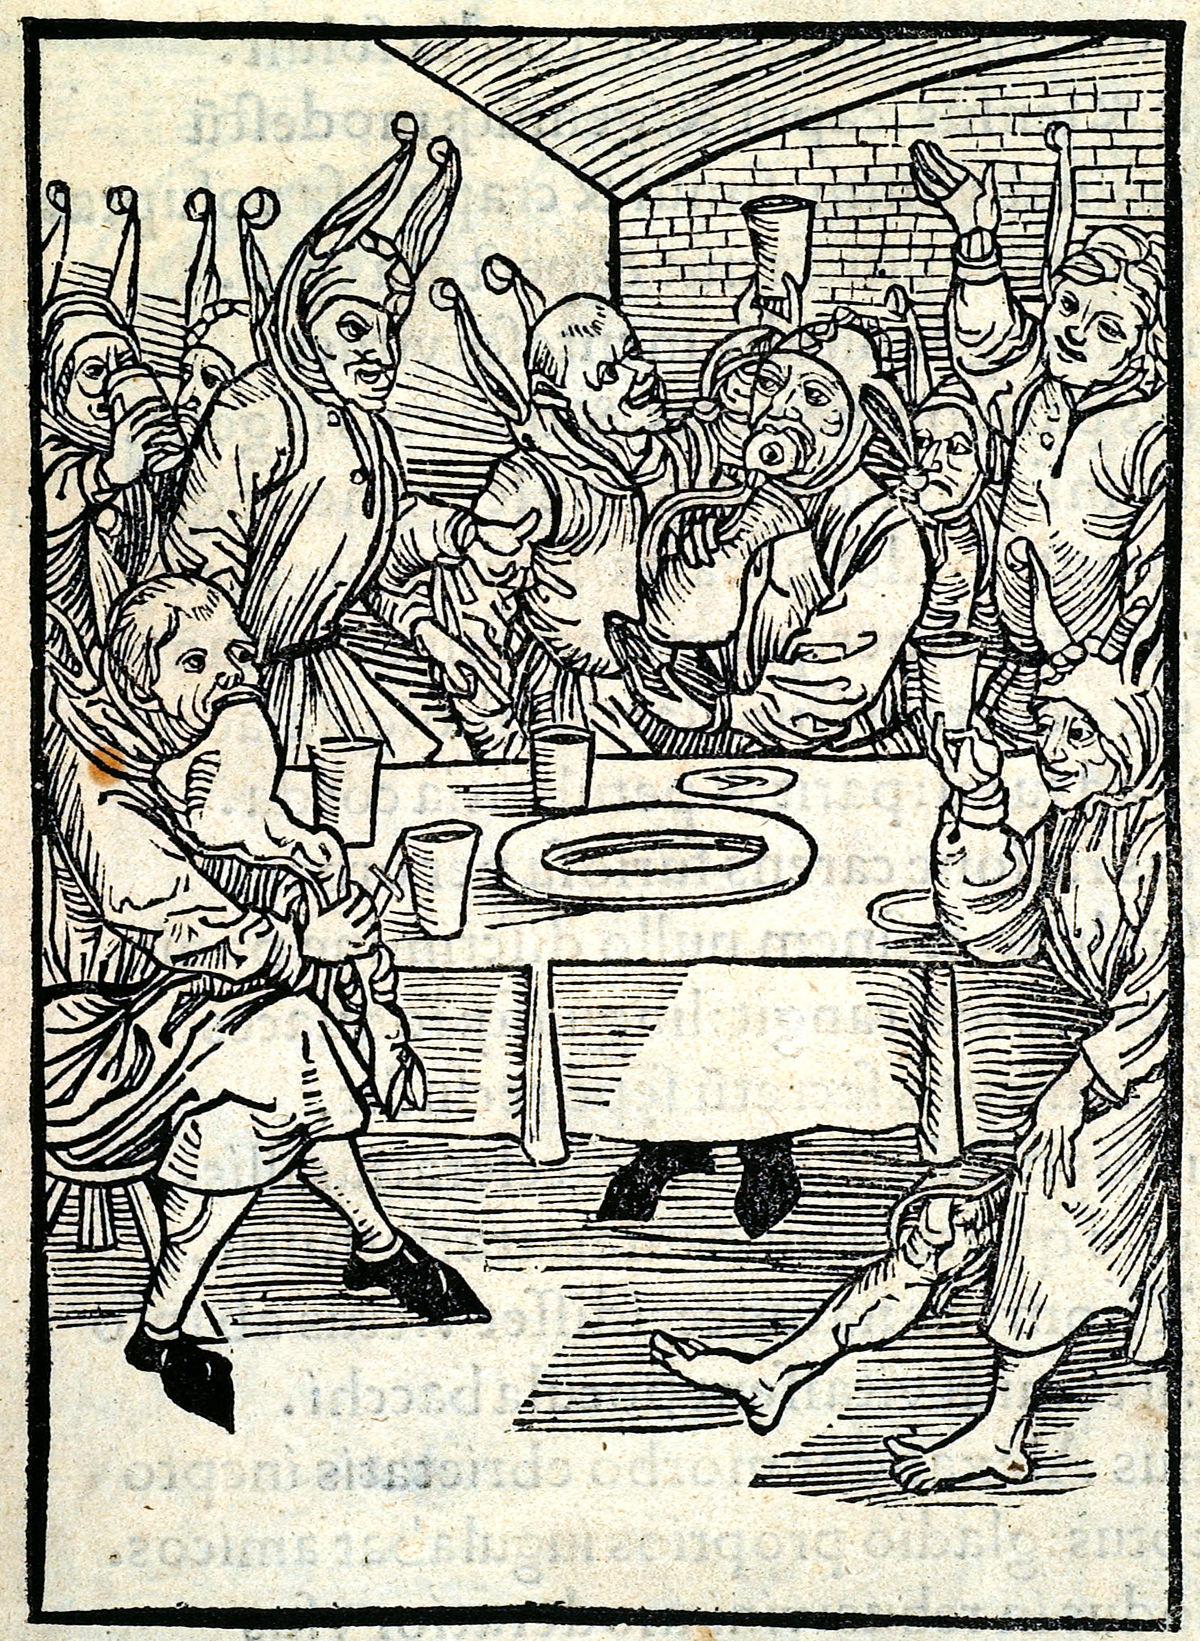 Gluttony - Wikipedia